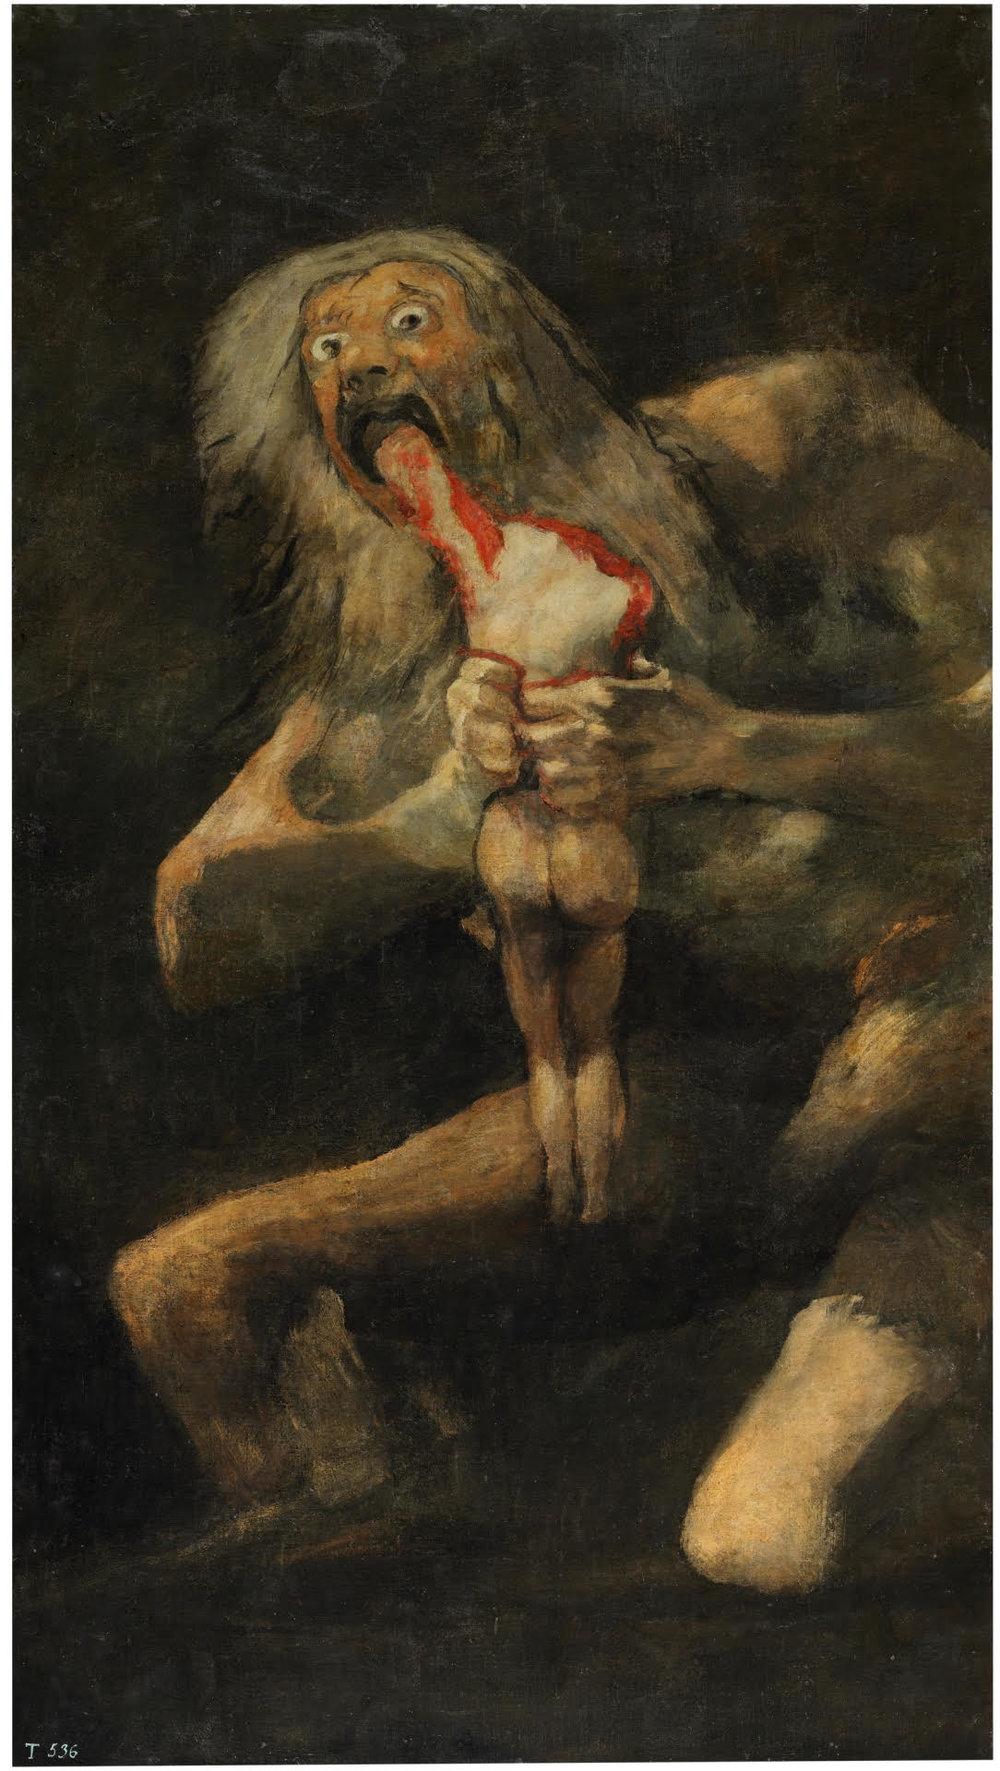 """Goya or Pickman?  Francisco de Goya, Saturno devorando a su hijo, """"Saturn devouring his young"""" (1819-1823)"""